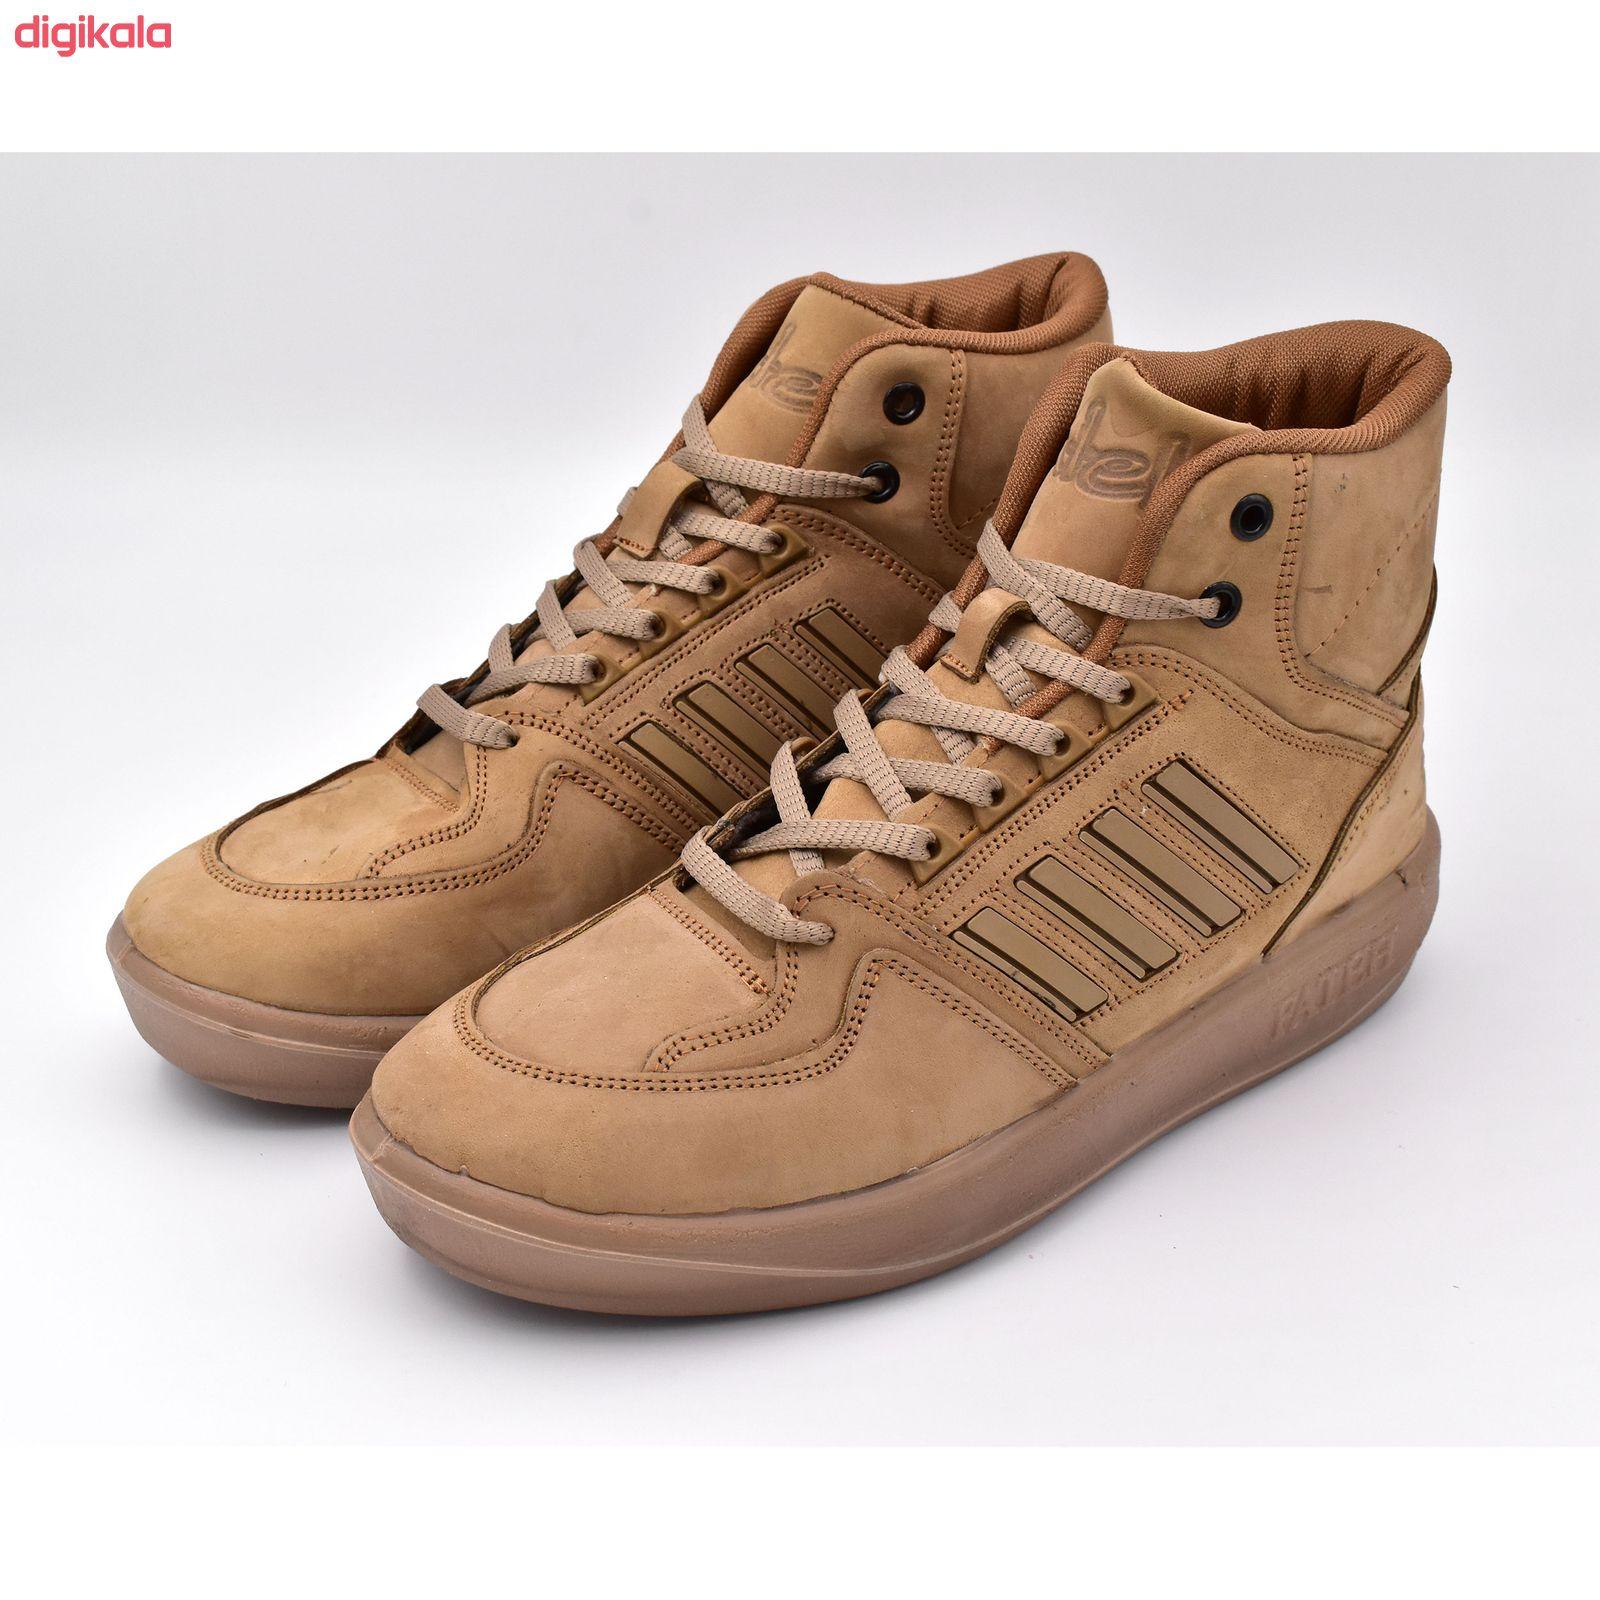 کفش طبیعت گردی مردانه فاتح مدل سنتر کد 8296 main 1 4